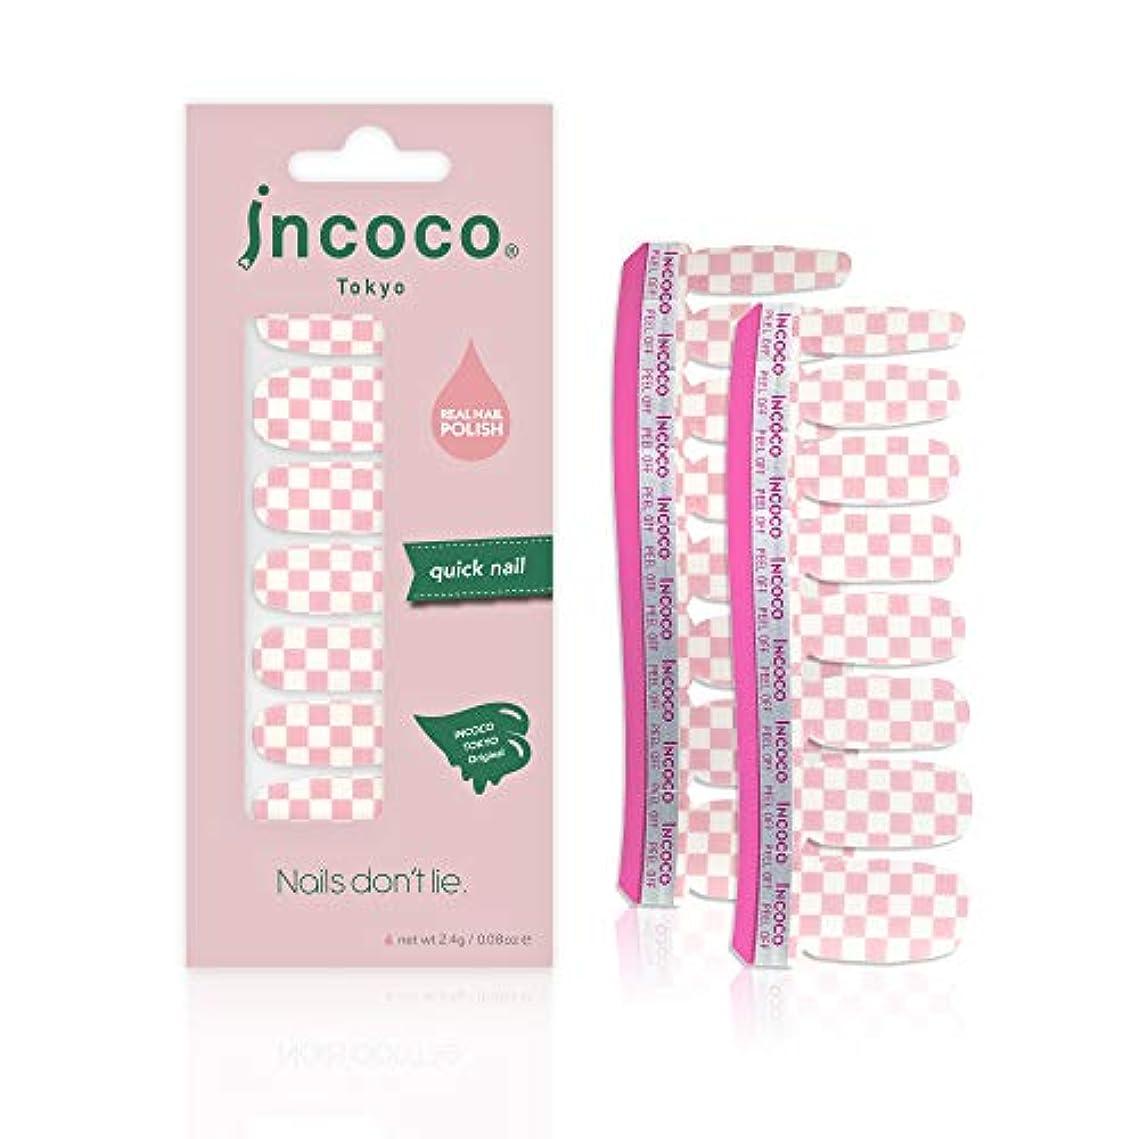 ポーク直面する追記インココ トーキョー 「ピンク チェッカー」 (Pink Checker)